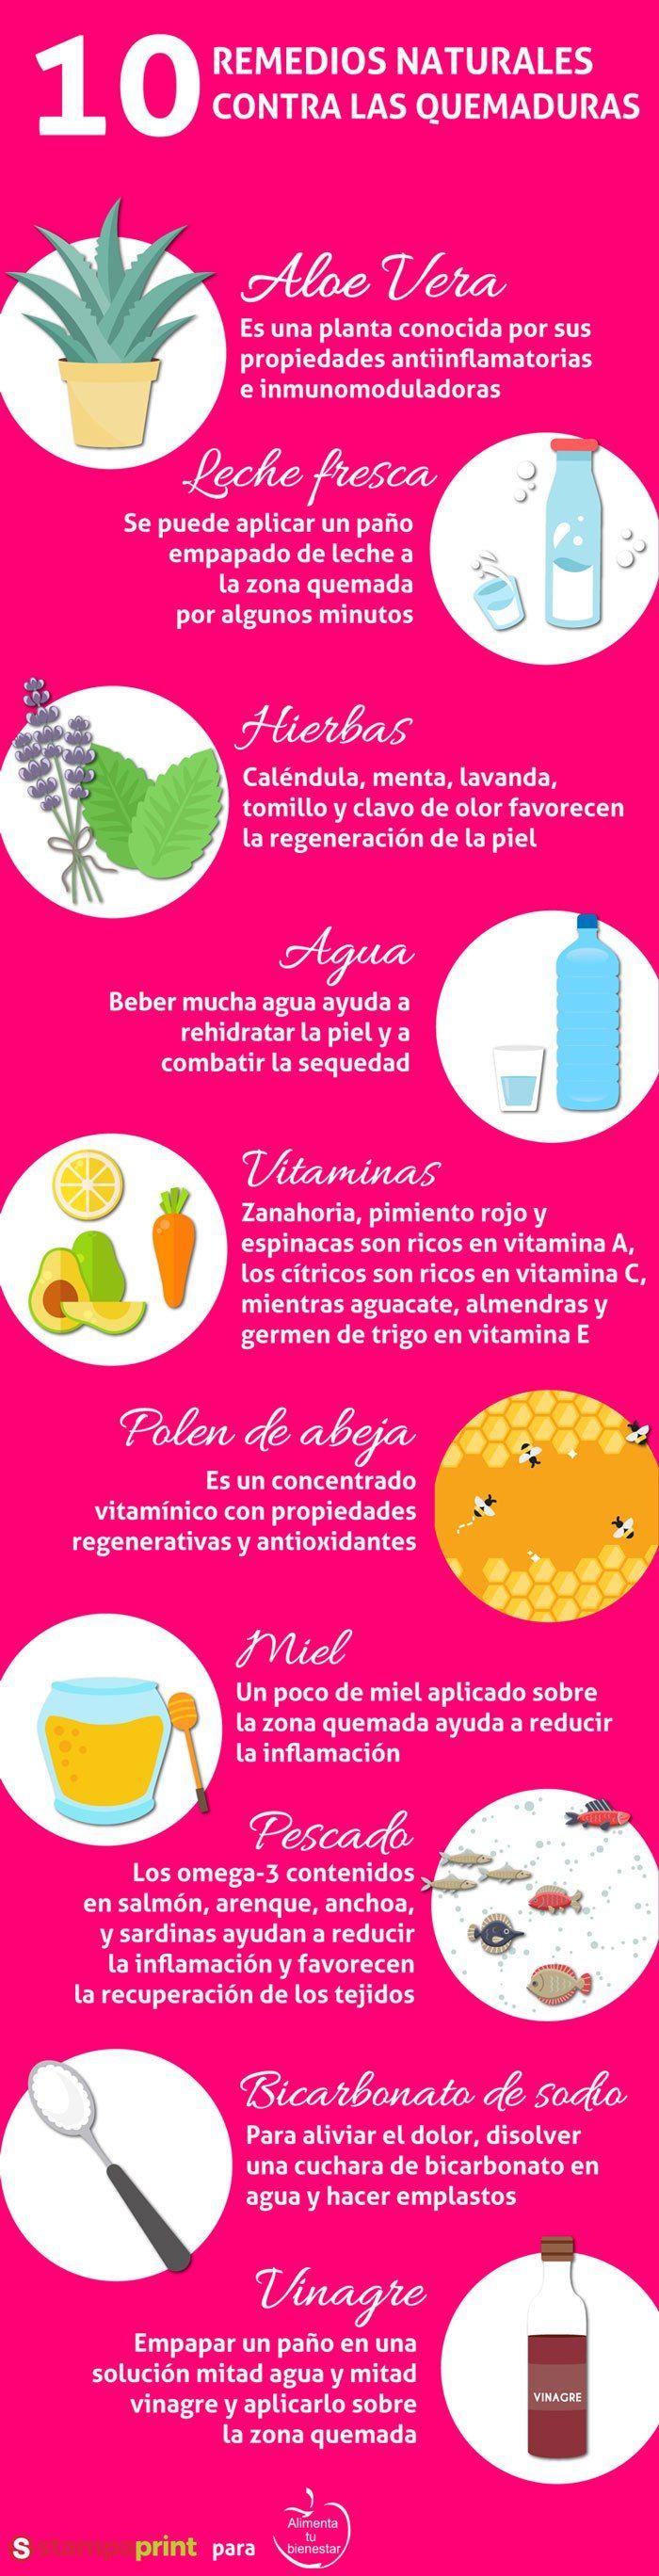 #Infografía10 remedios naturales contra las quemaduras solares #alimentatubienestar